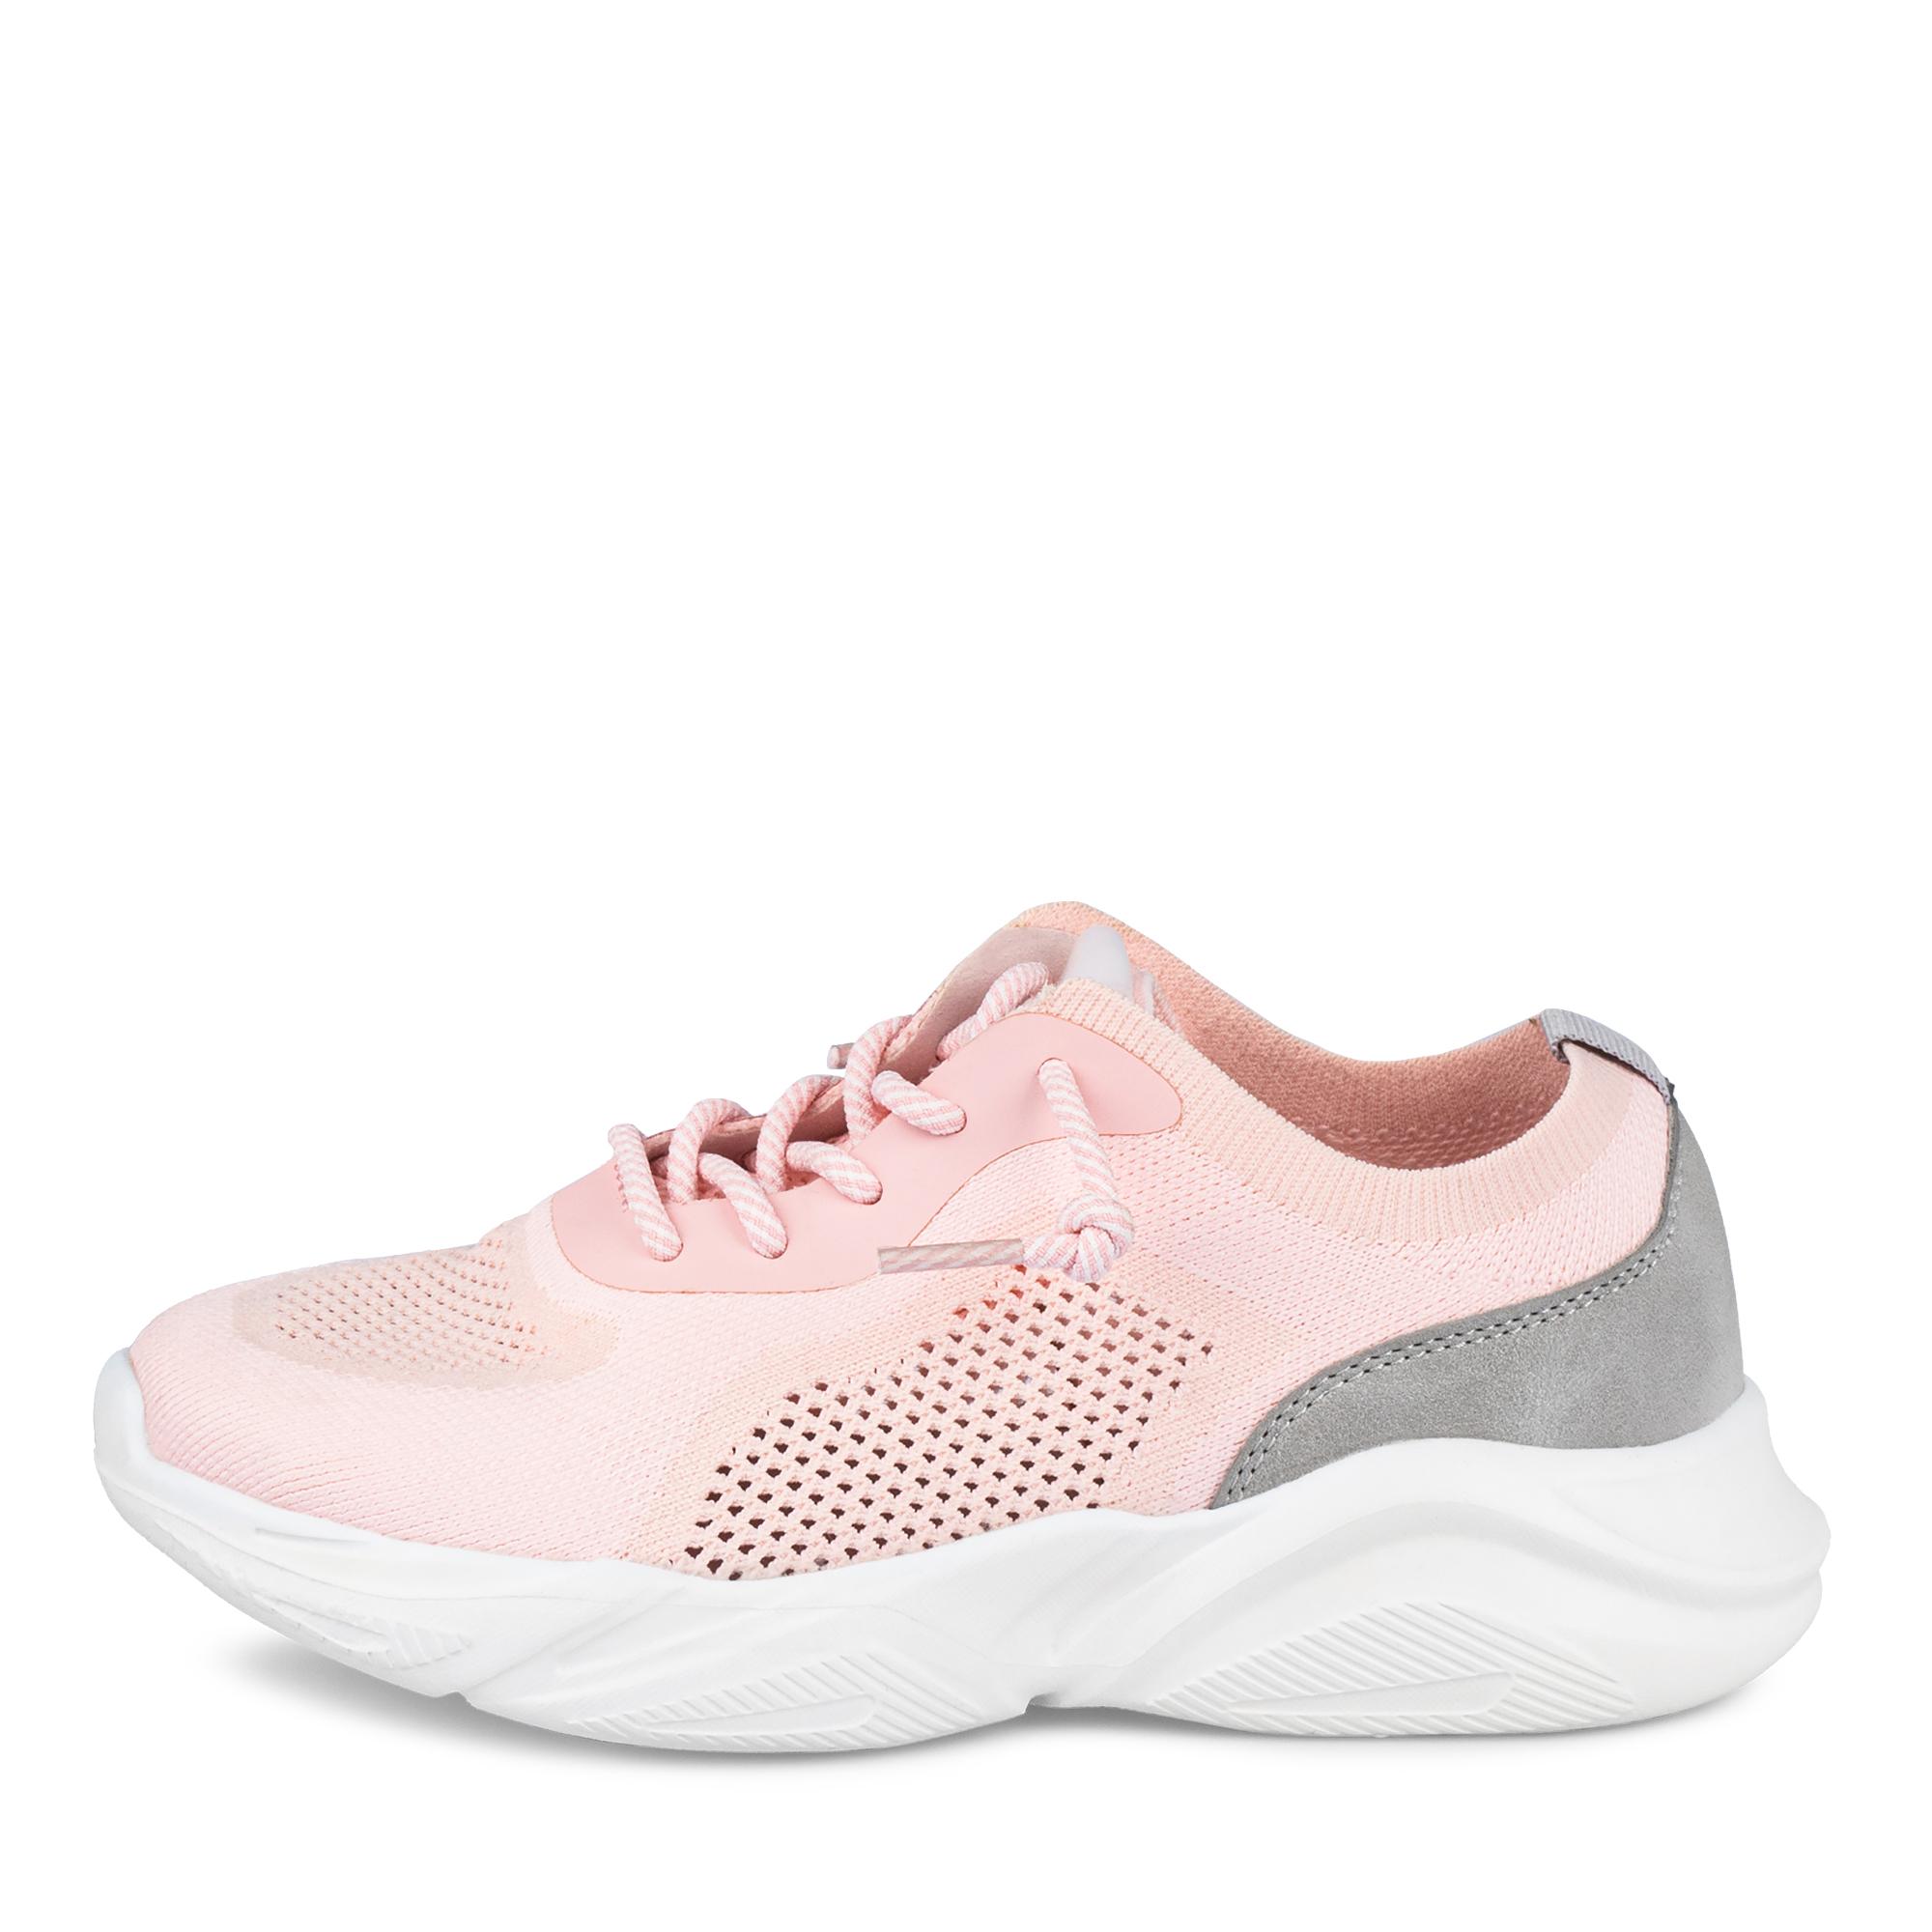 Обувь для девочек MUNZ YOUNG 018-065B-9206